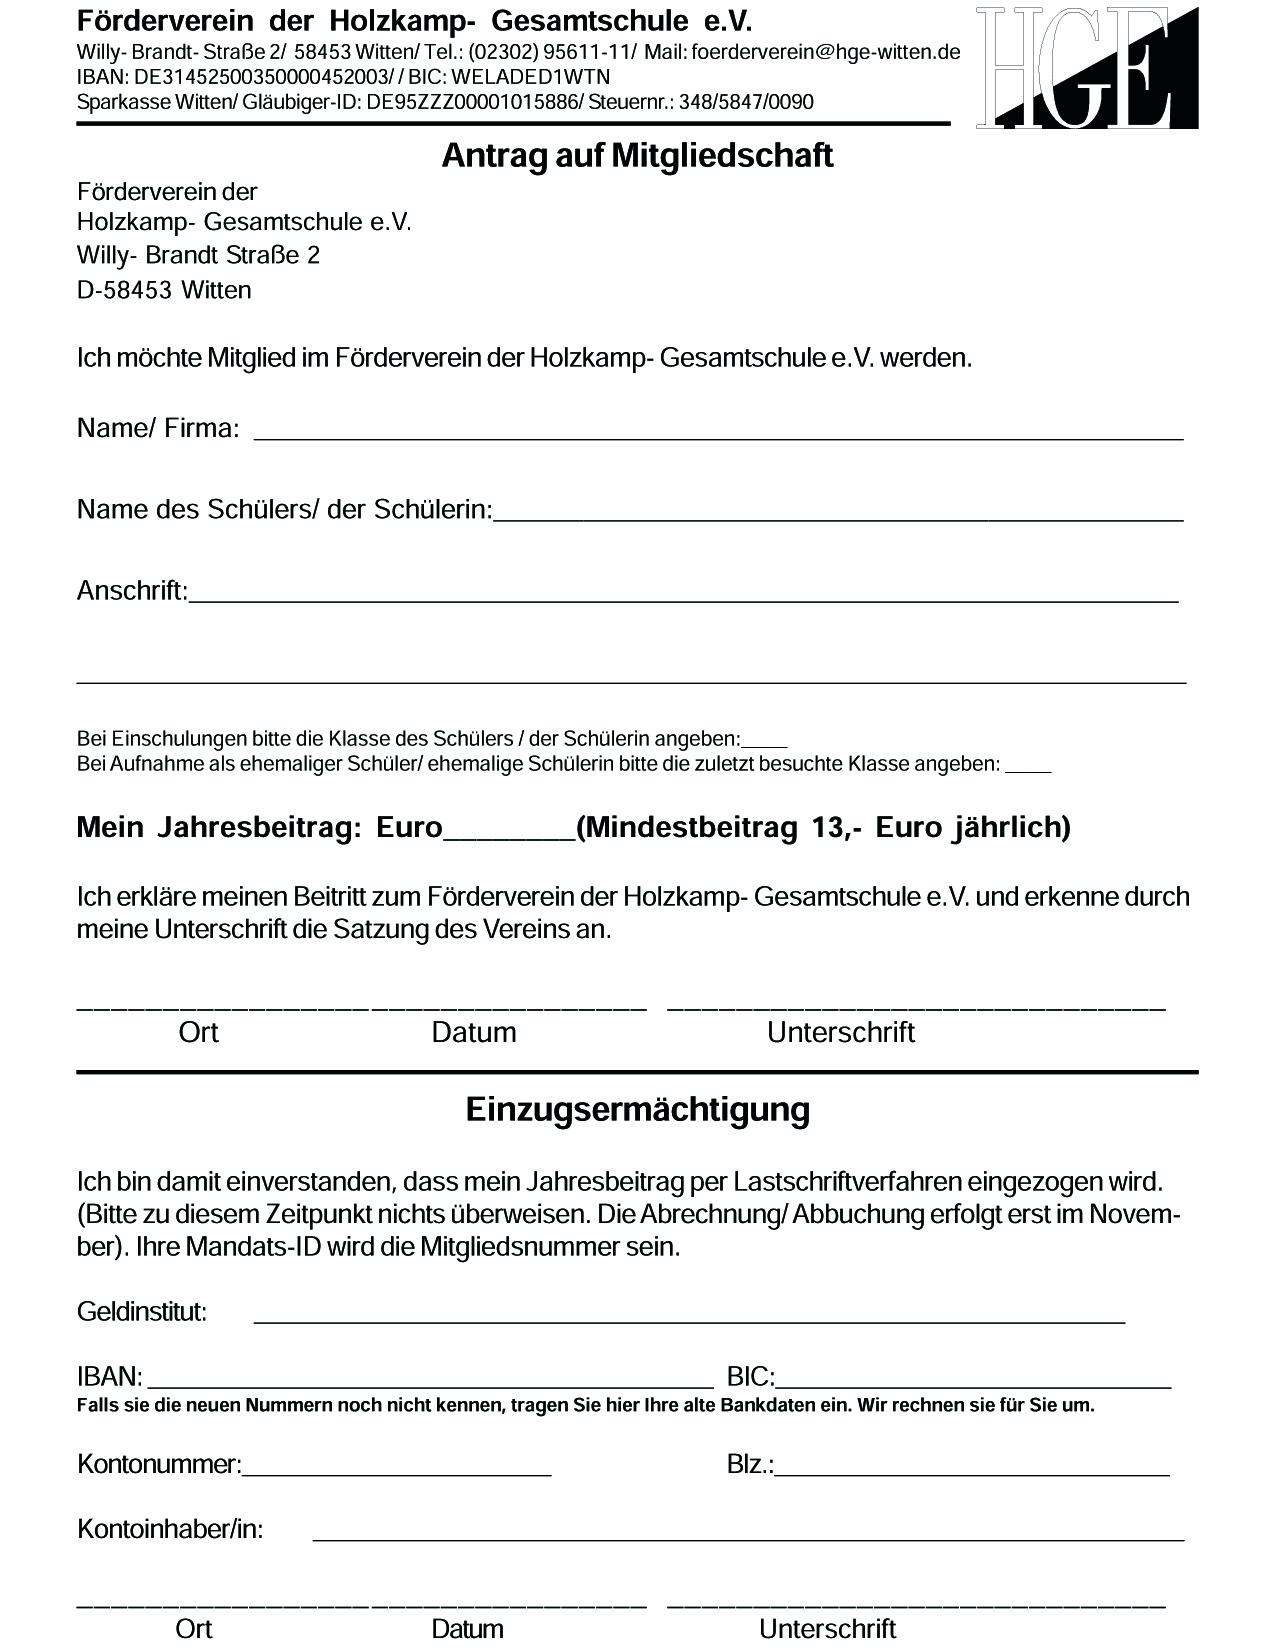 Beste Aufnahmeformular Schule Galerie - FORTSETZUNG ARBEITSBLATT ...